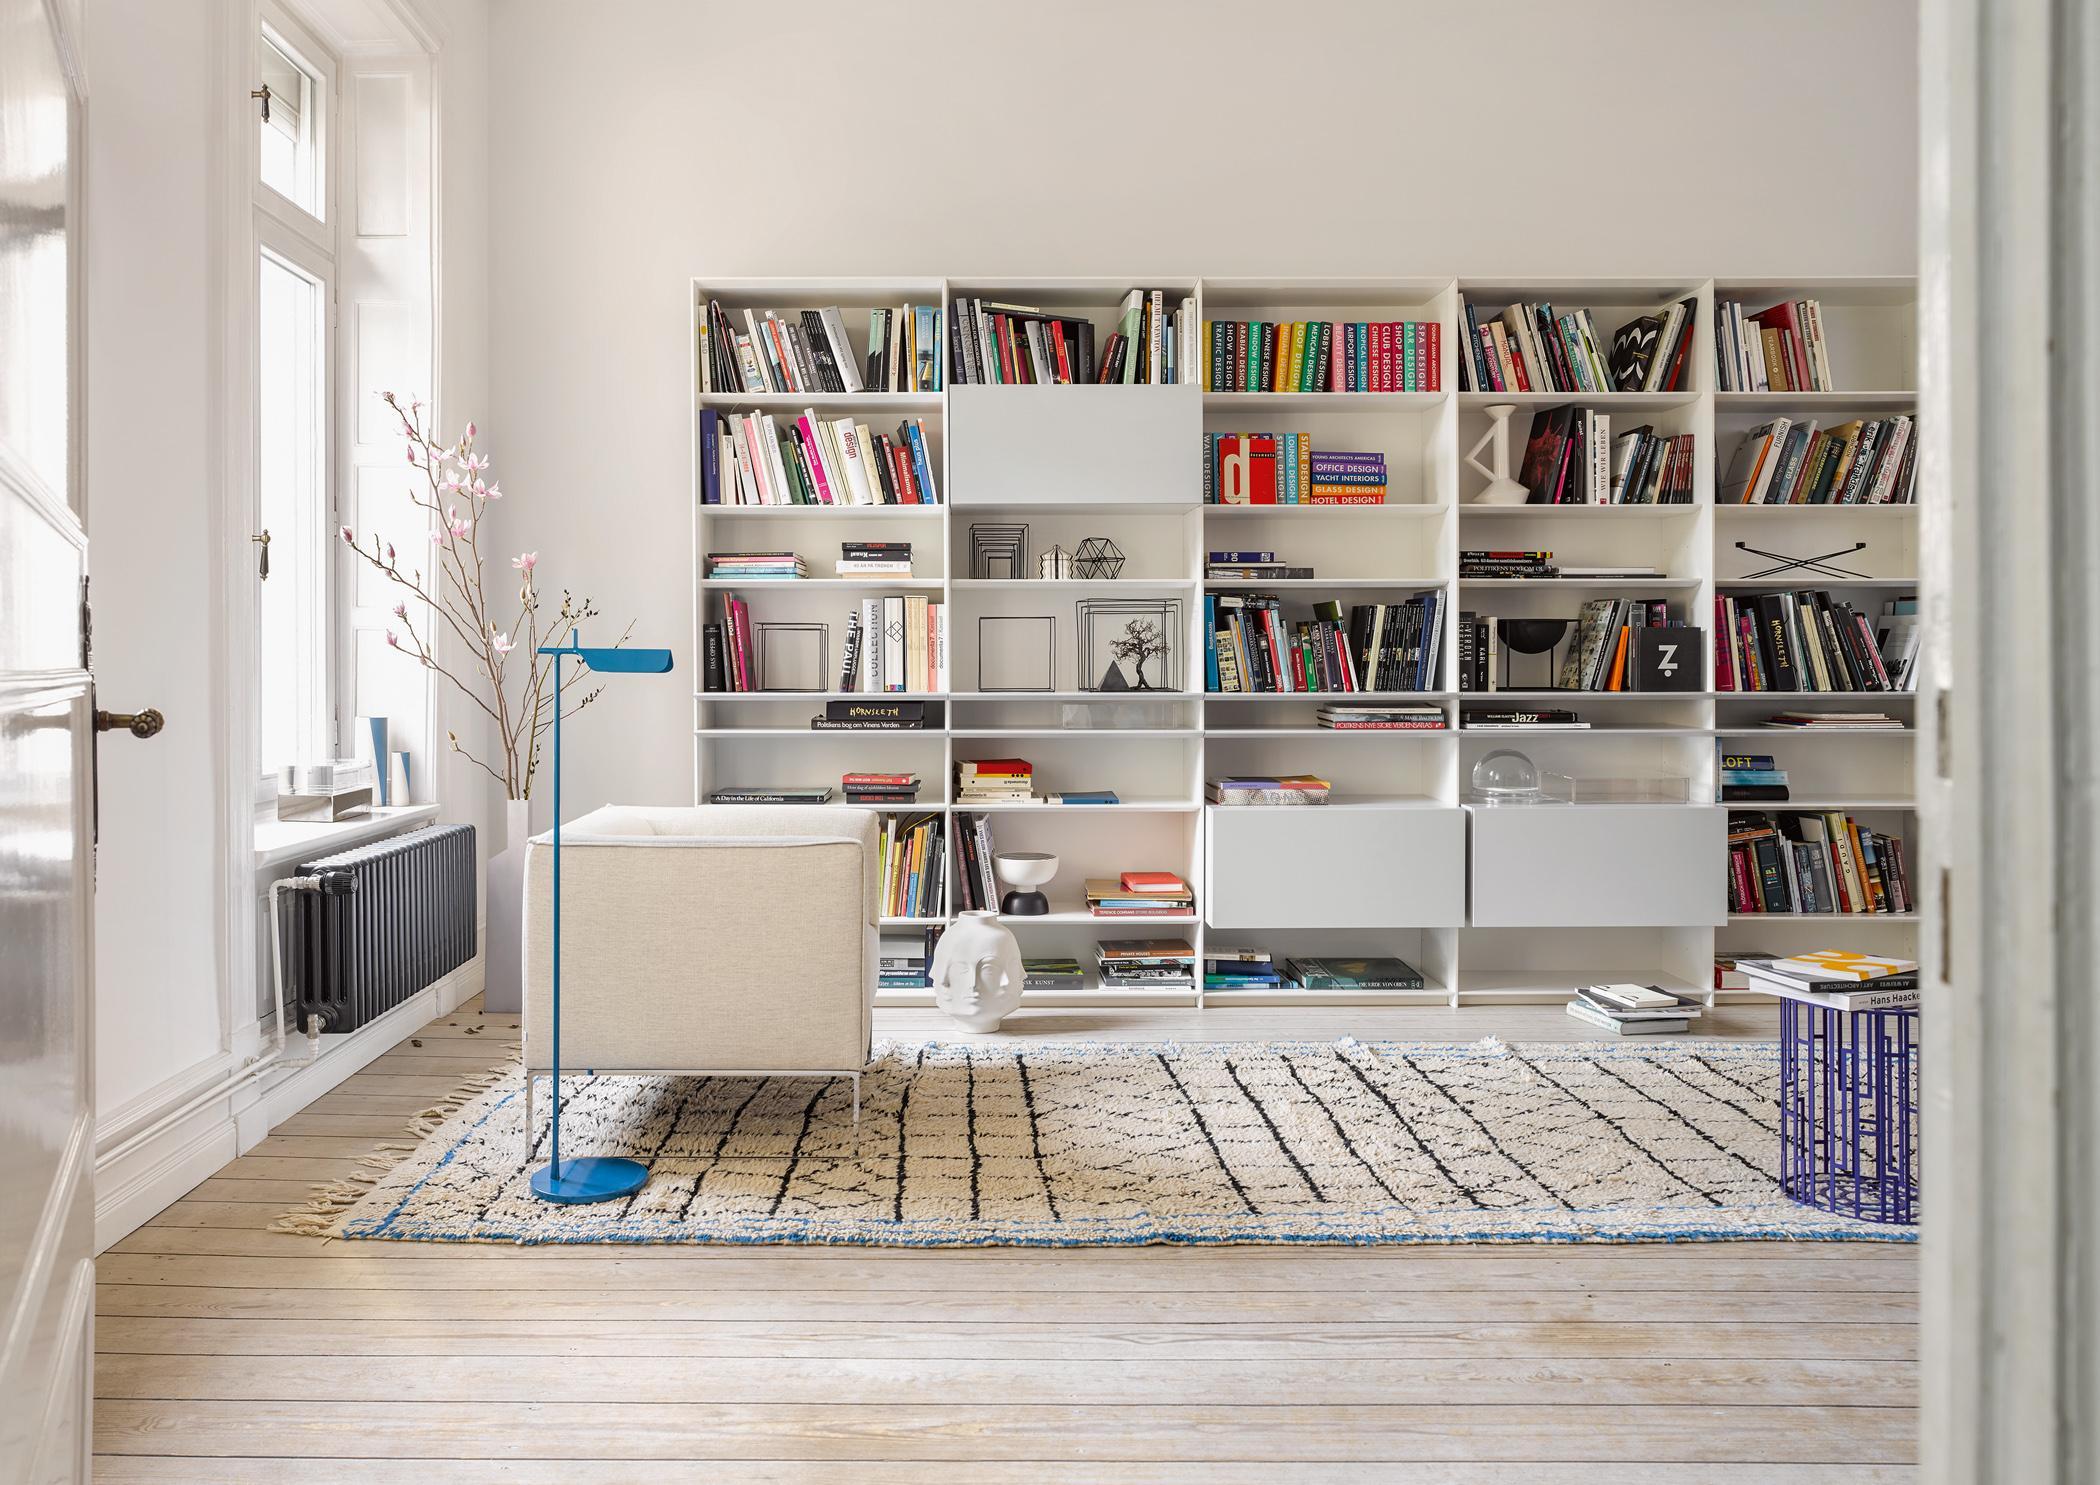 Wohnzimmergestaltung In Weiss Wandregal Teppich Wohnzimmer Stehlampe Sofa CInterlbke